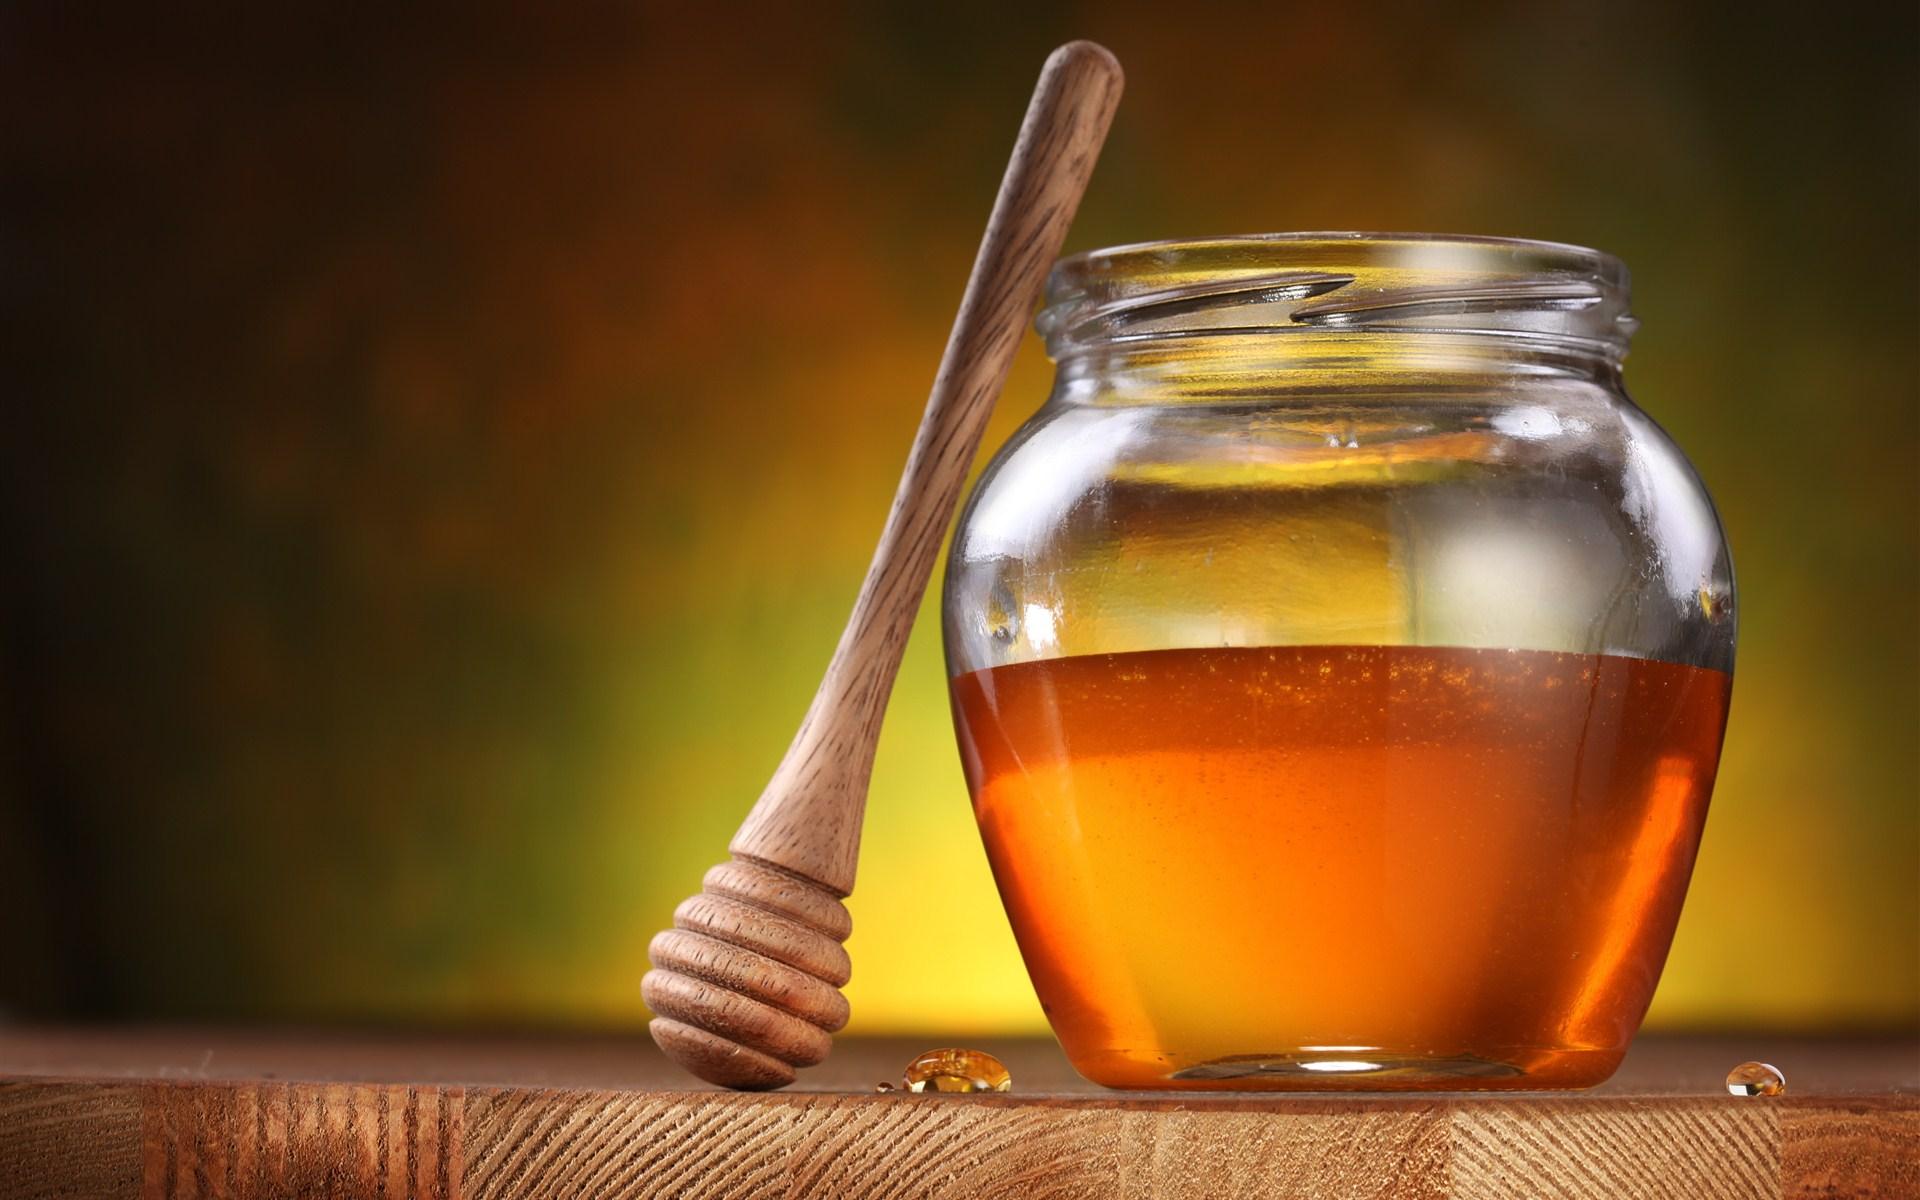 老年人可用吃蜂蜜代替吃糖